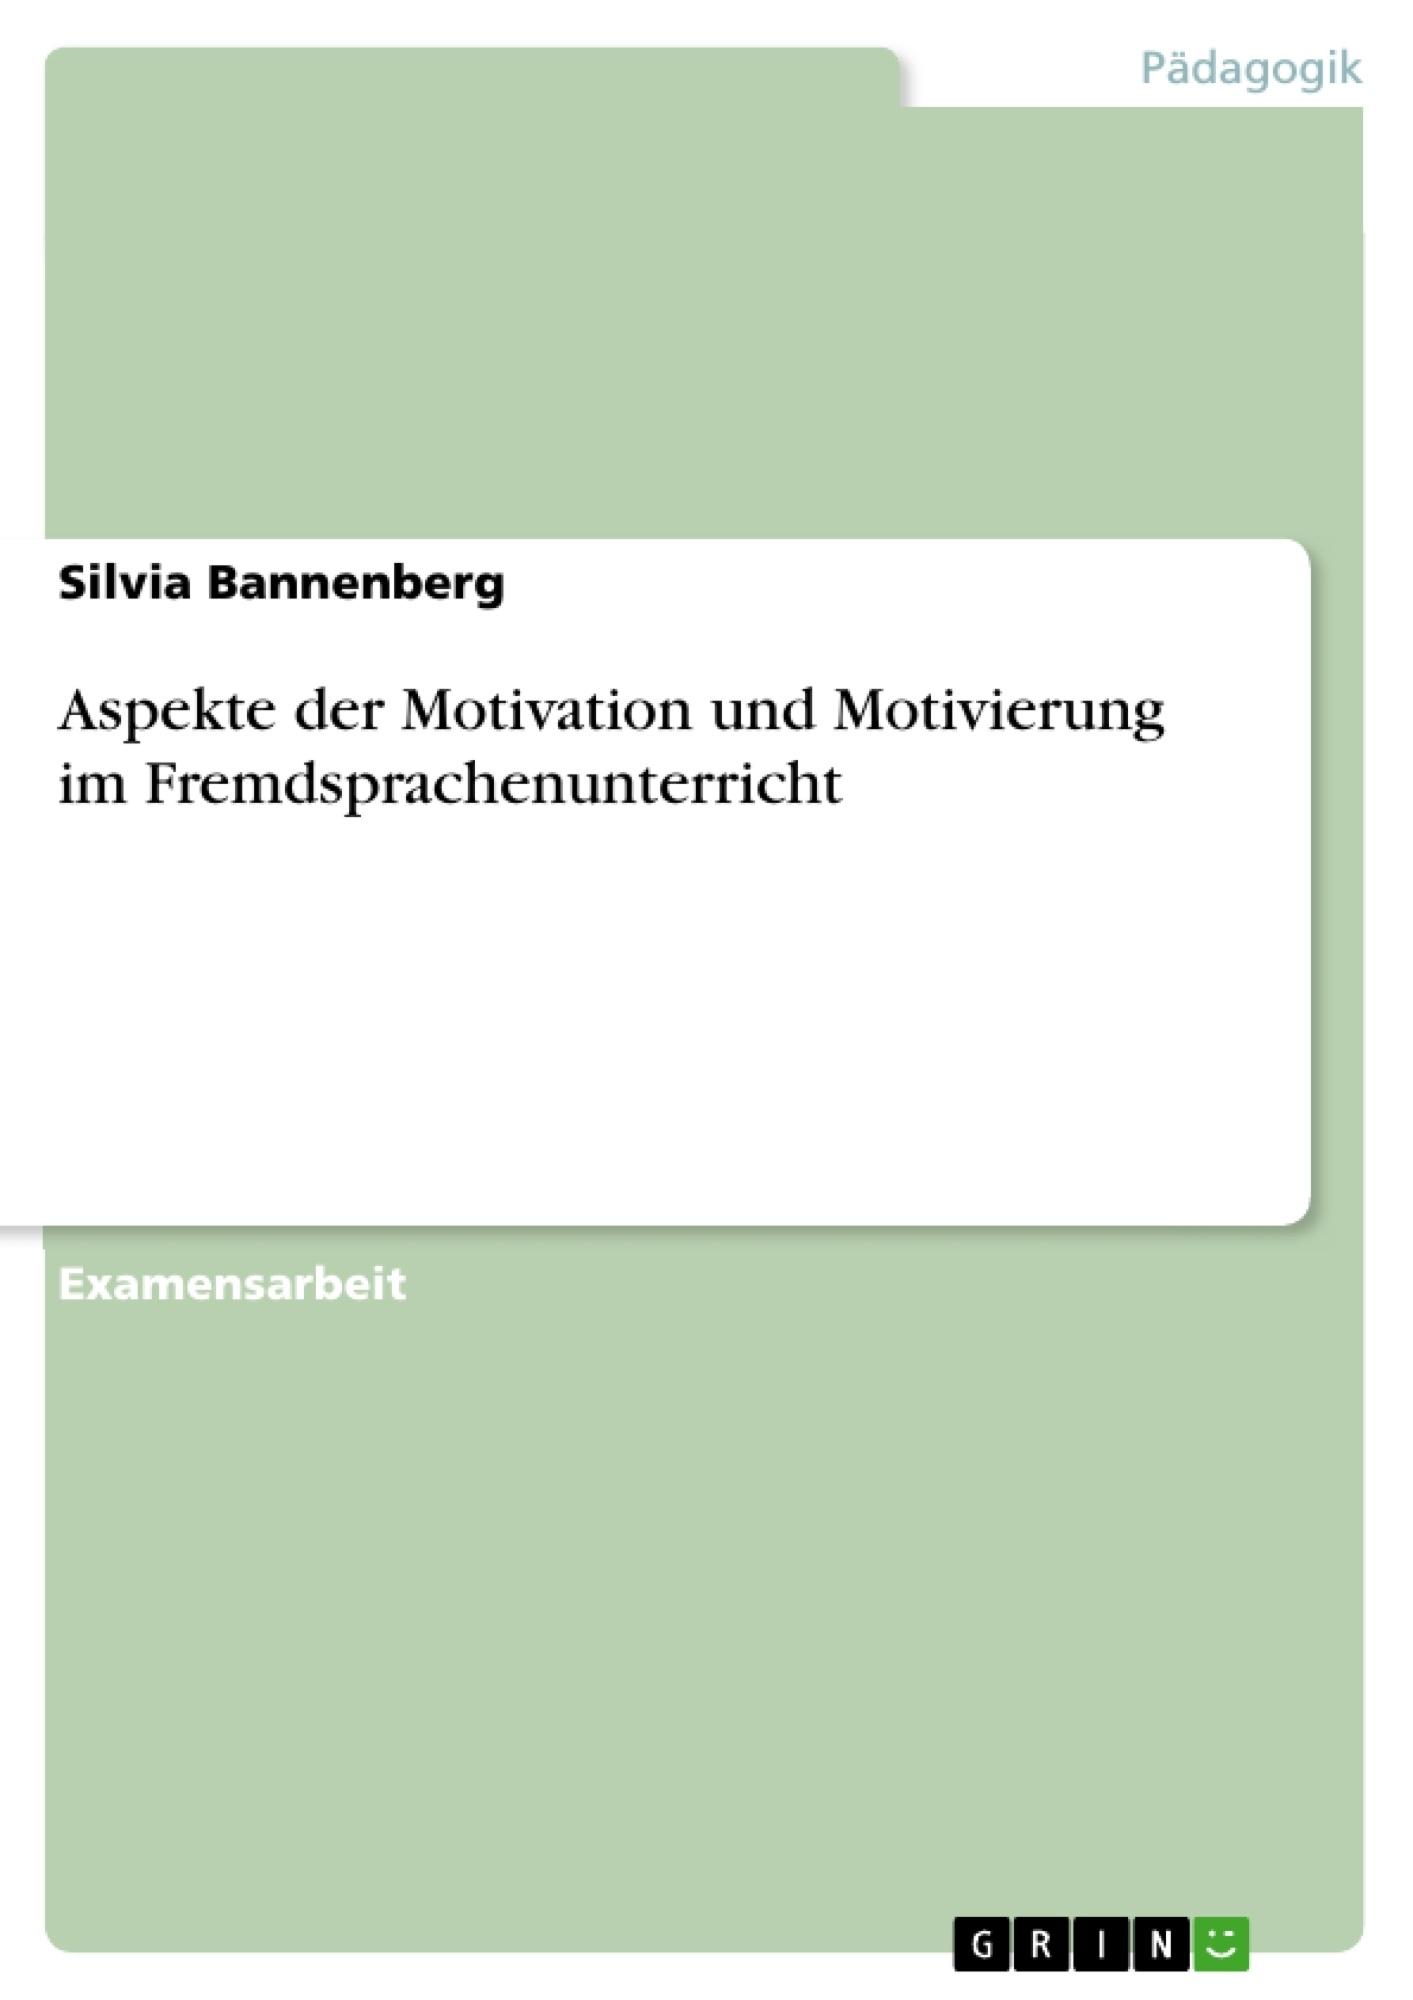 Titel: Aspekte der Motivation und Motivierung im Fremdsprachenunterricht